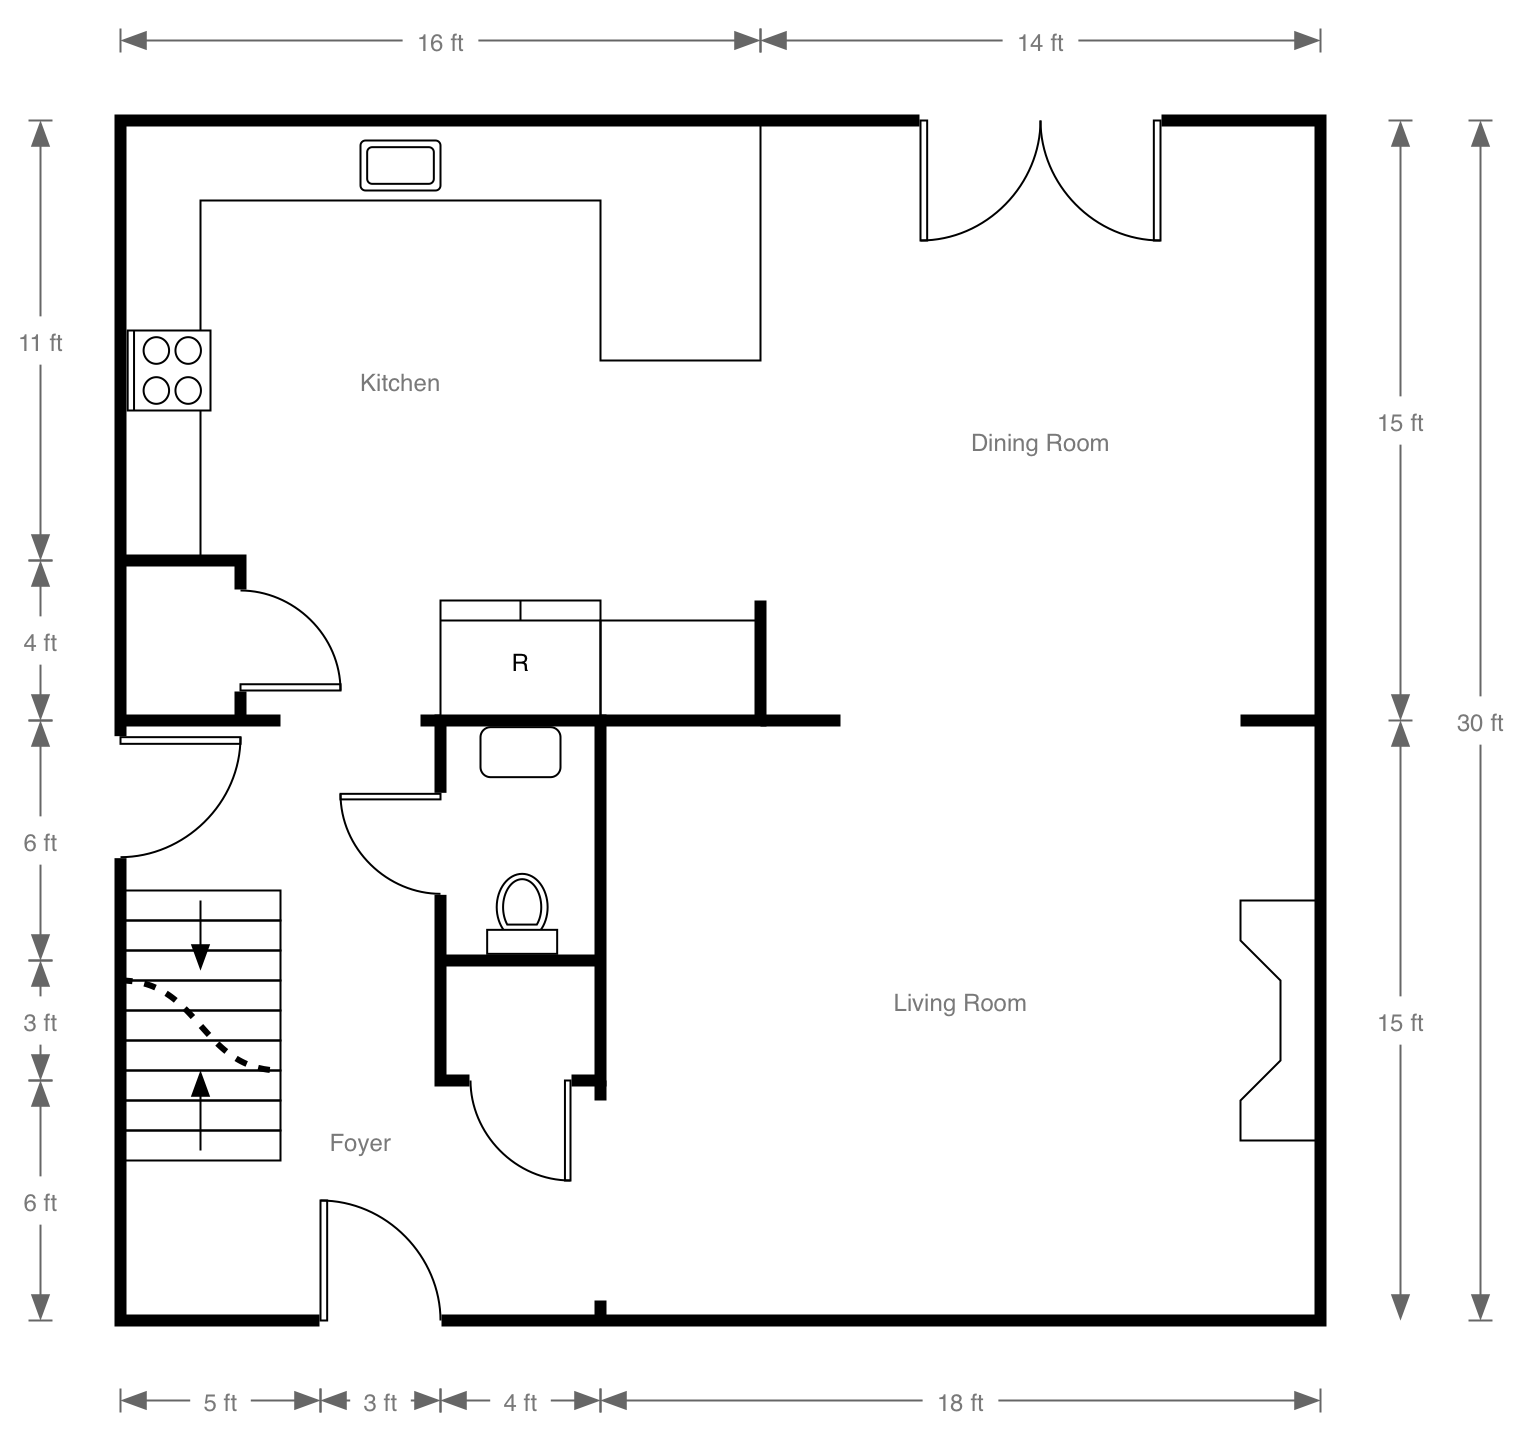 floor_plan_example